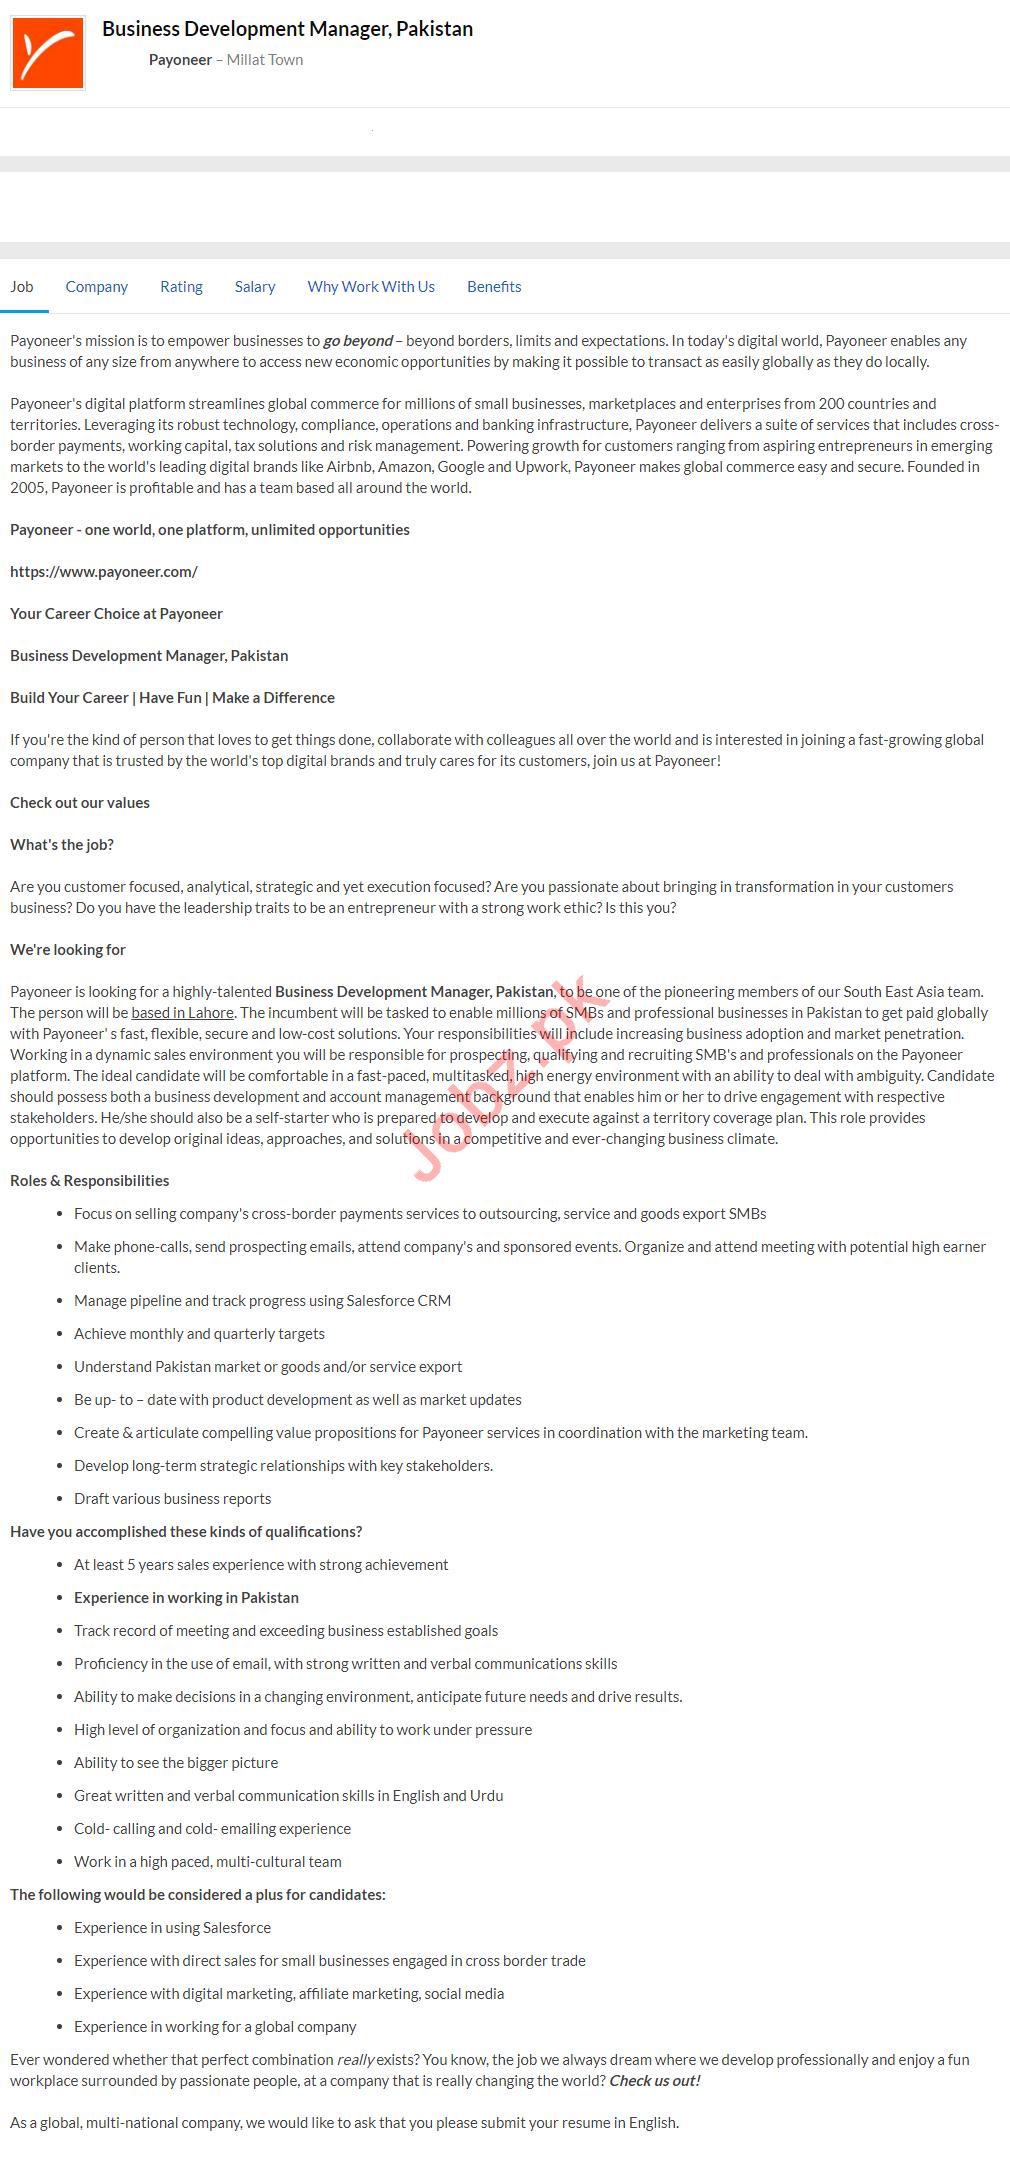 Business Development Manager Jobs 2020 Payoneer Pakistan